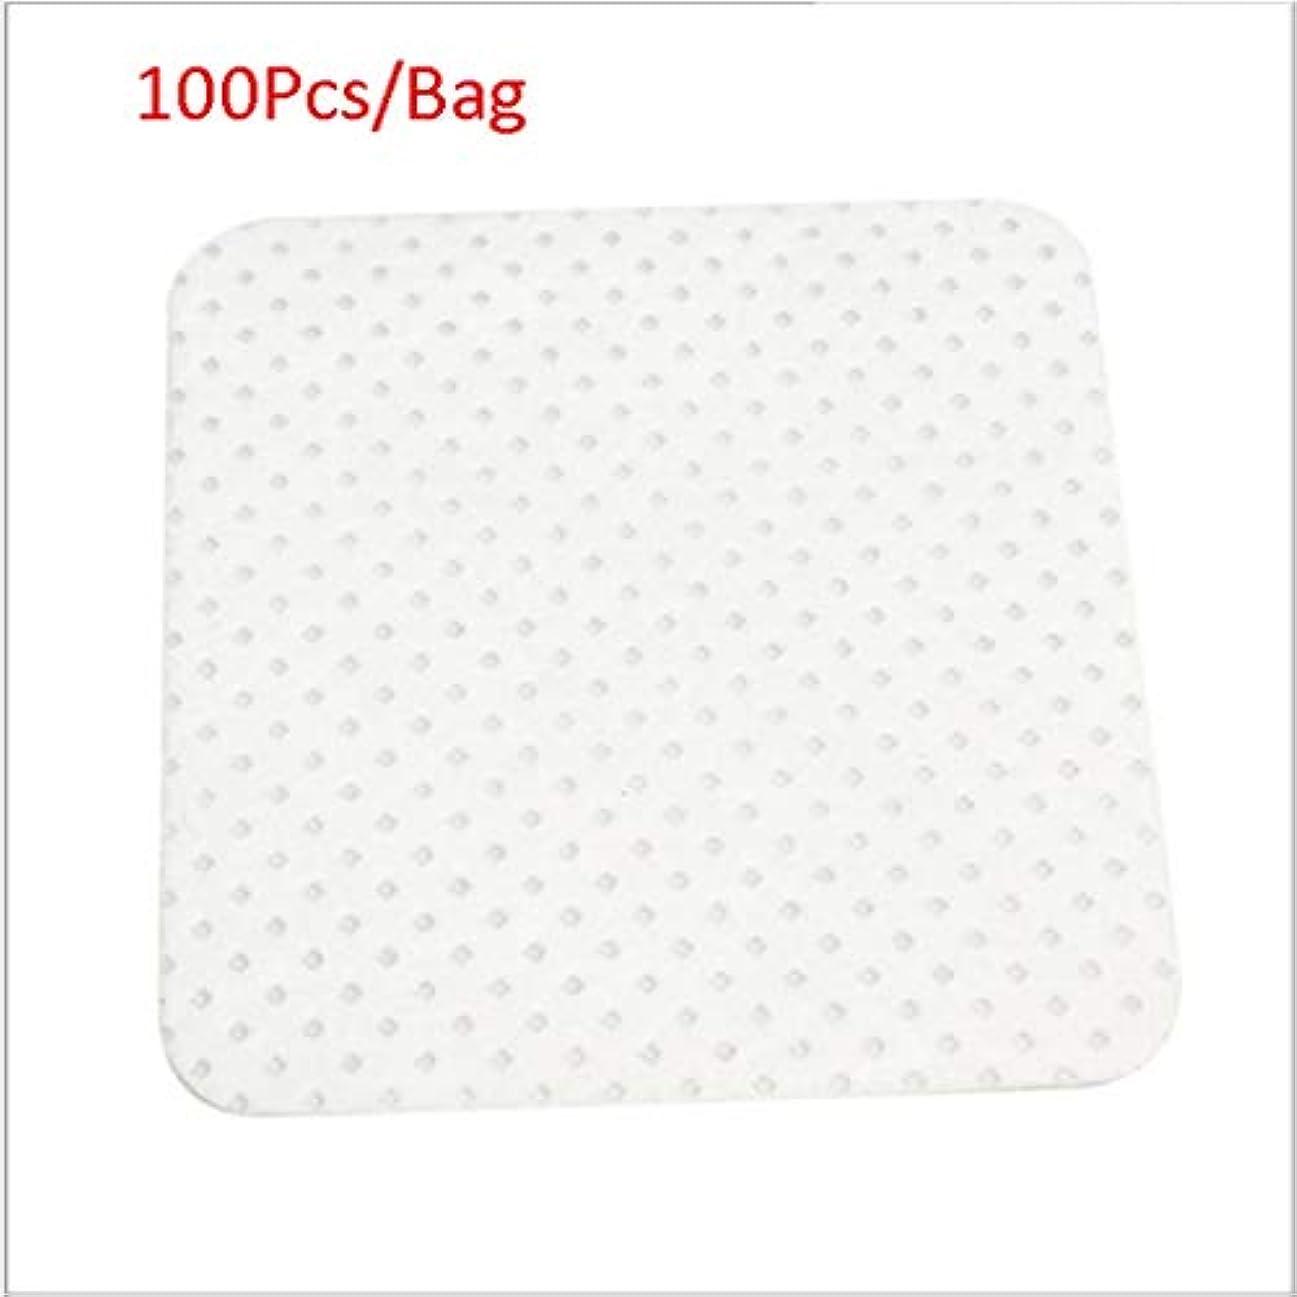 どれか認識姿勢クレンジングシート 100ピース/バッグ使い捨てまつげエクステンションのり取りコットンパッドボトル口拭きパッチメイク化粧品クリーニングツール (Color : White, サイズ : 5*5cm)